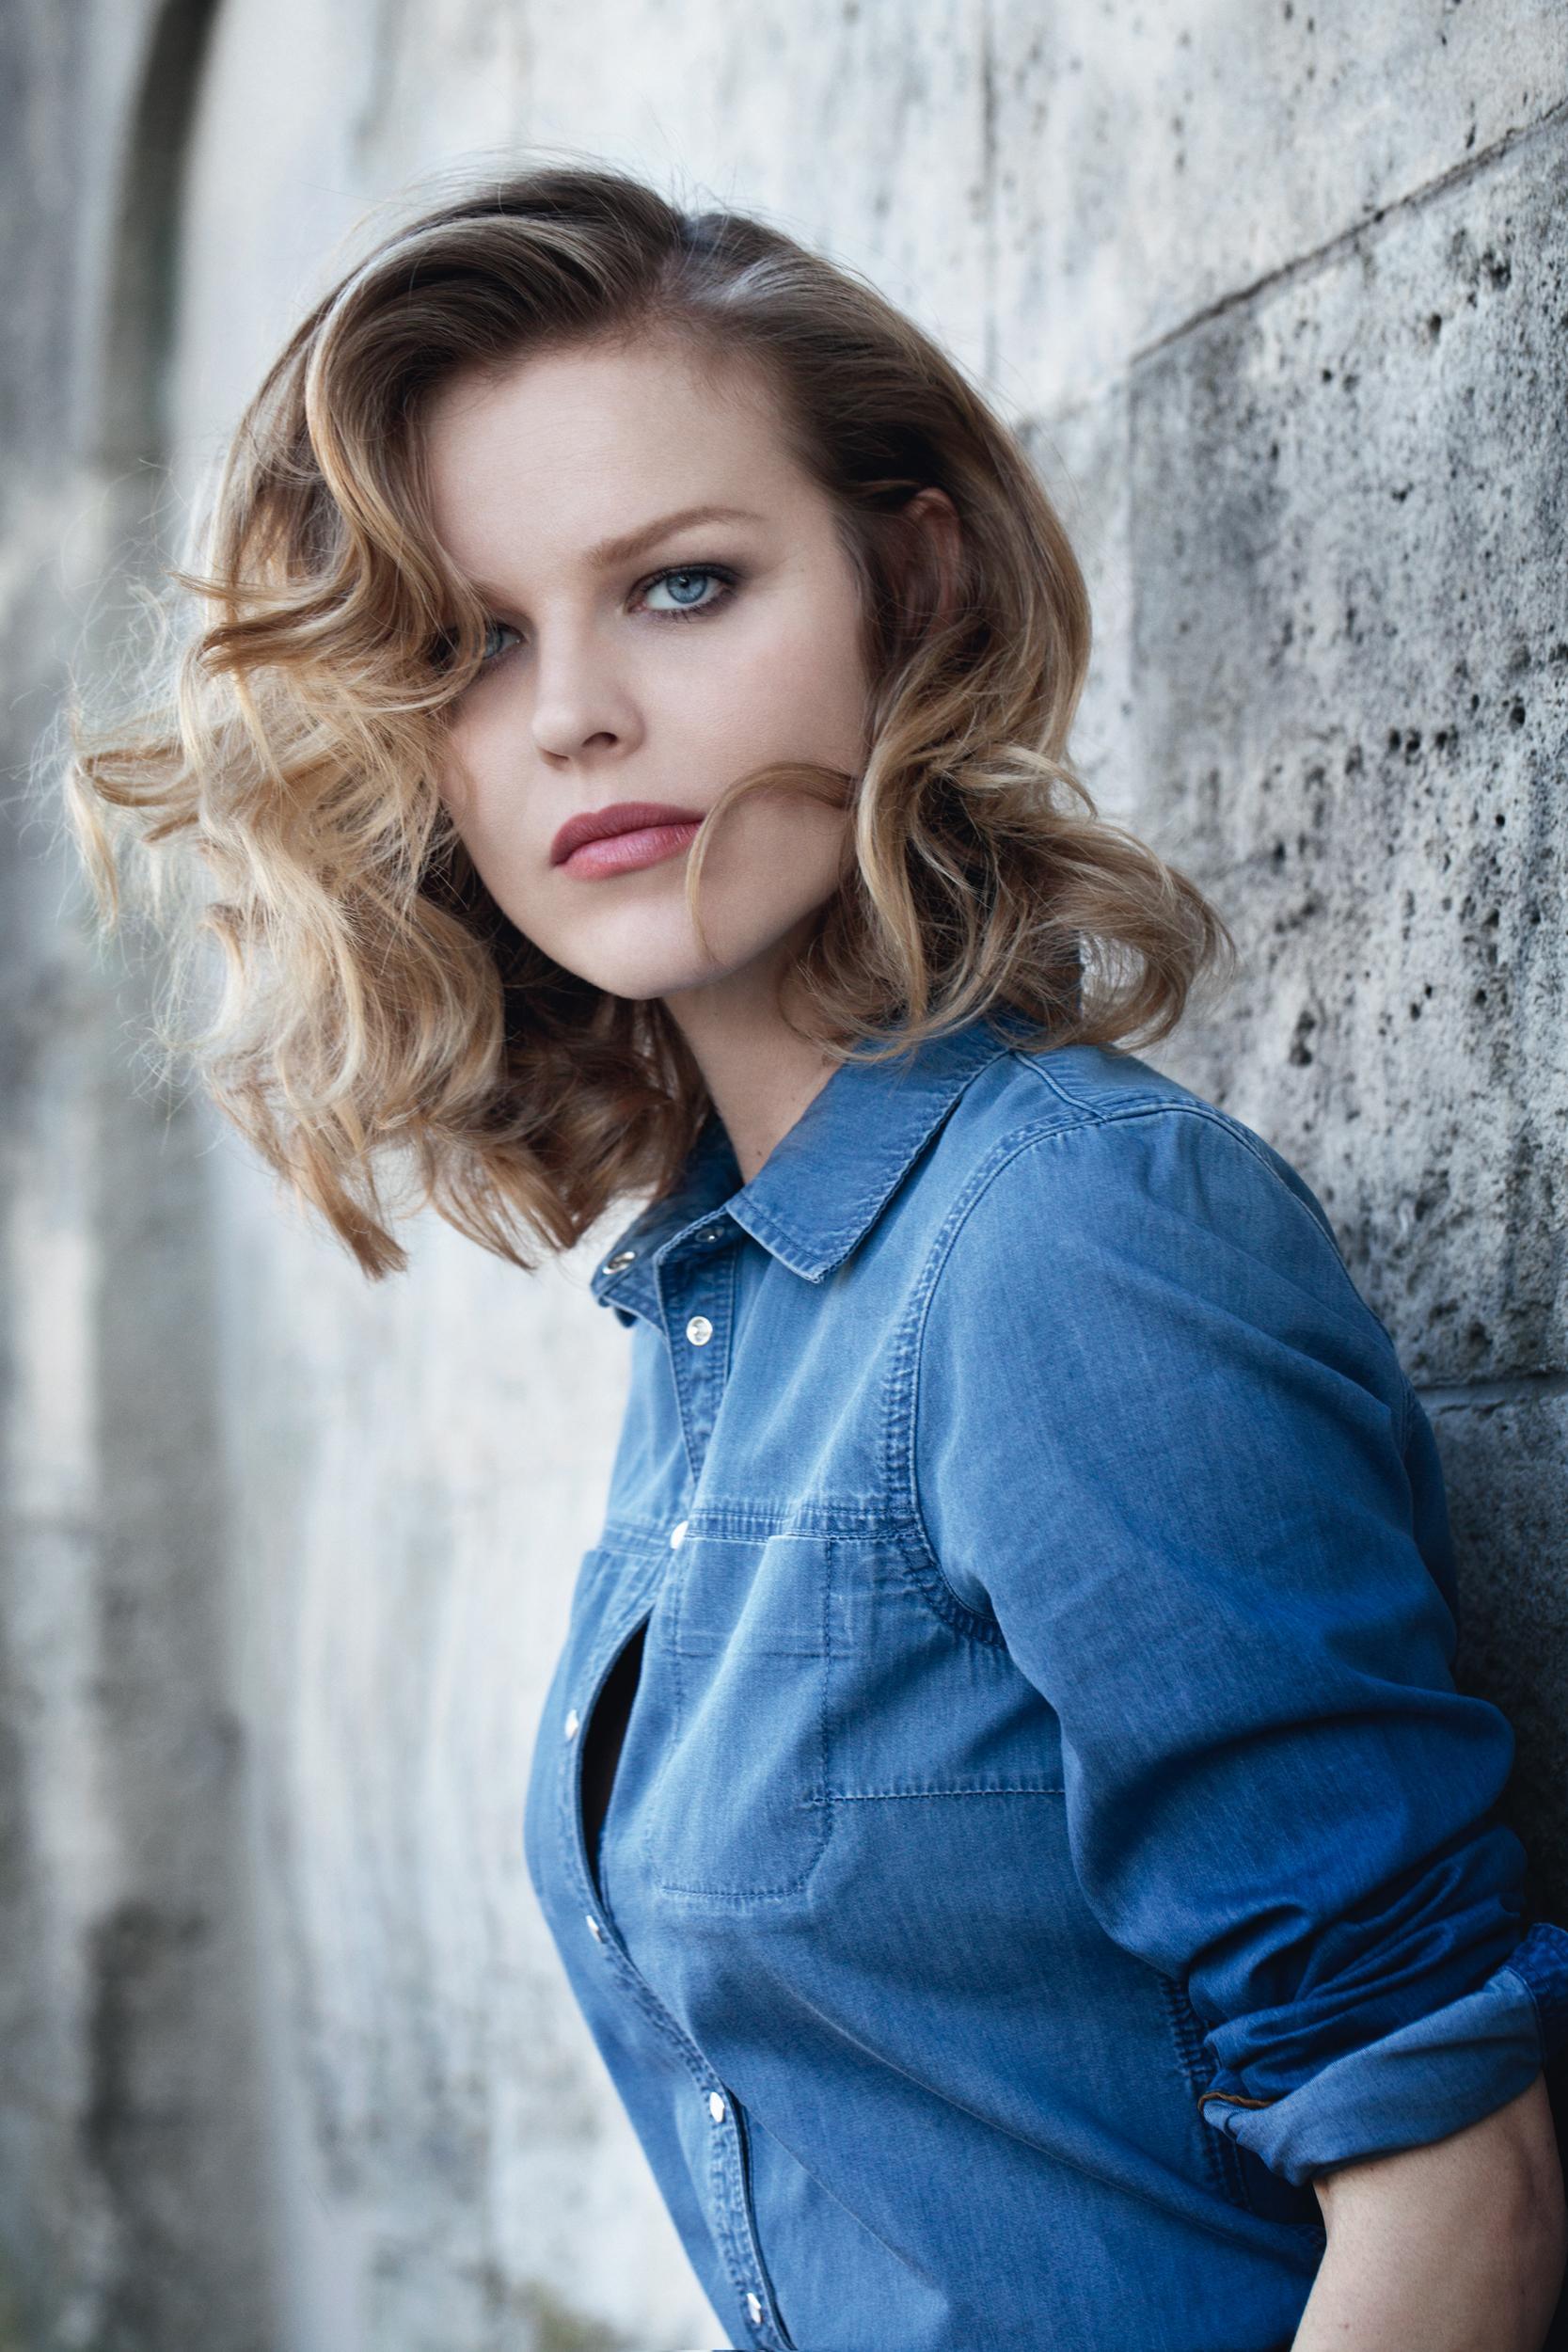 Чешские актрисы знаменитости 24 фотография